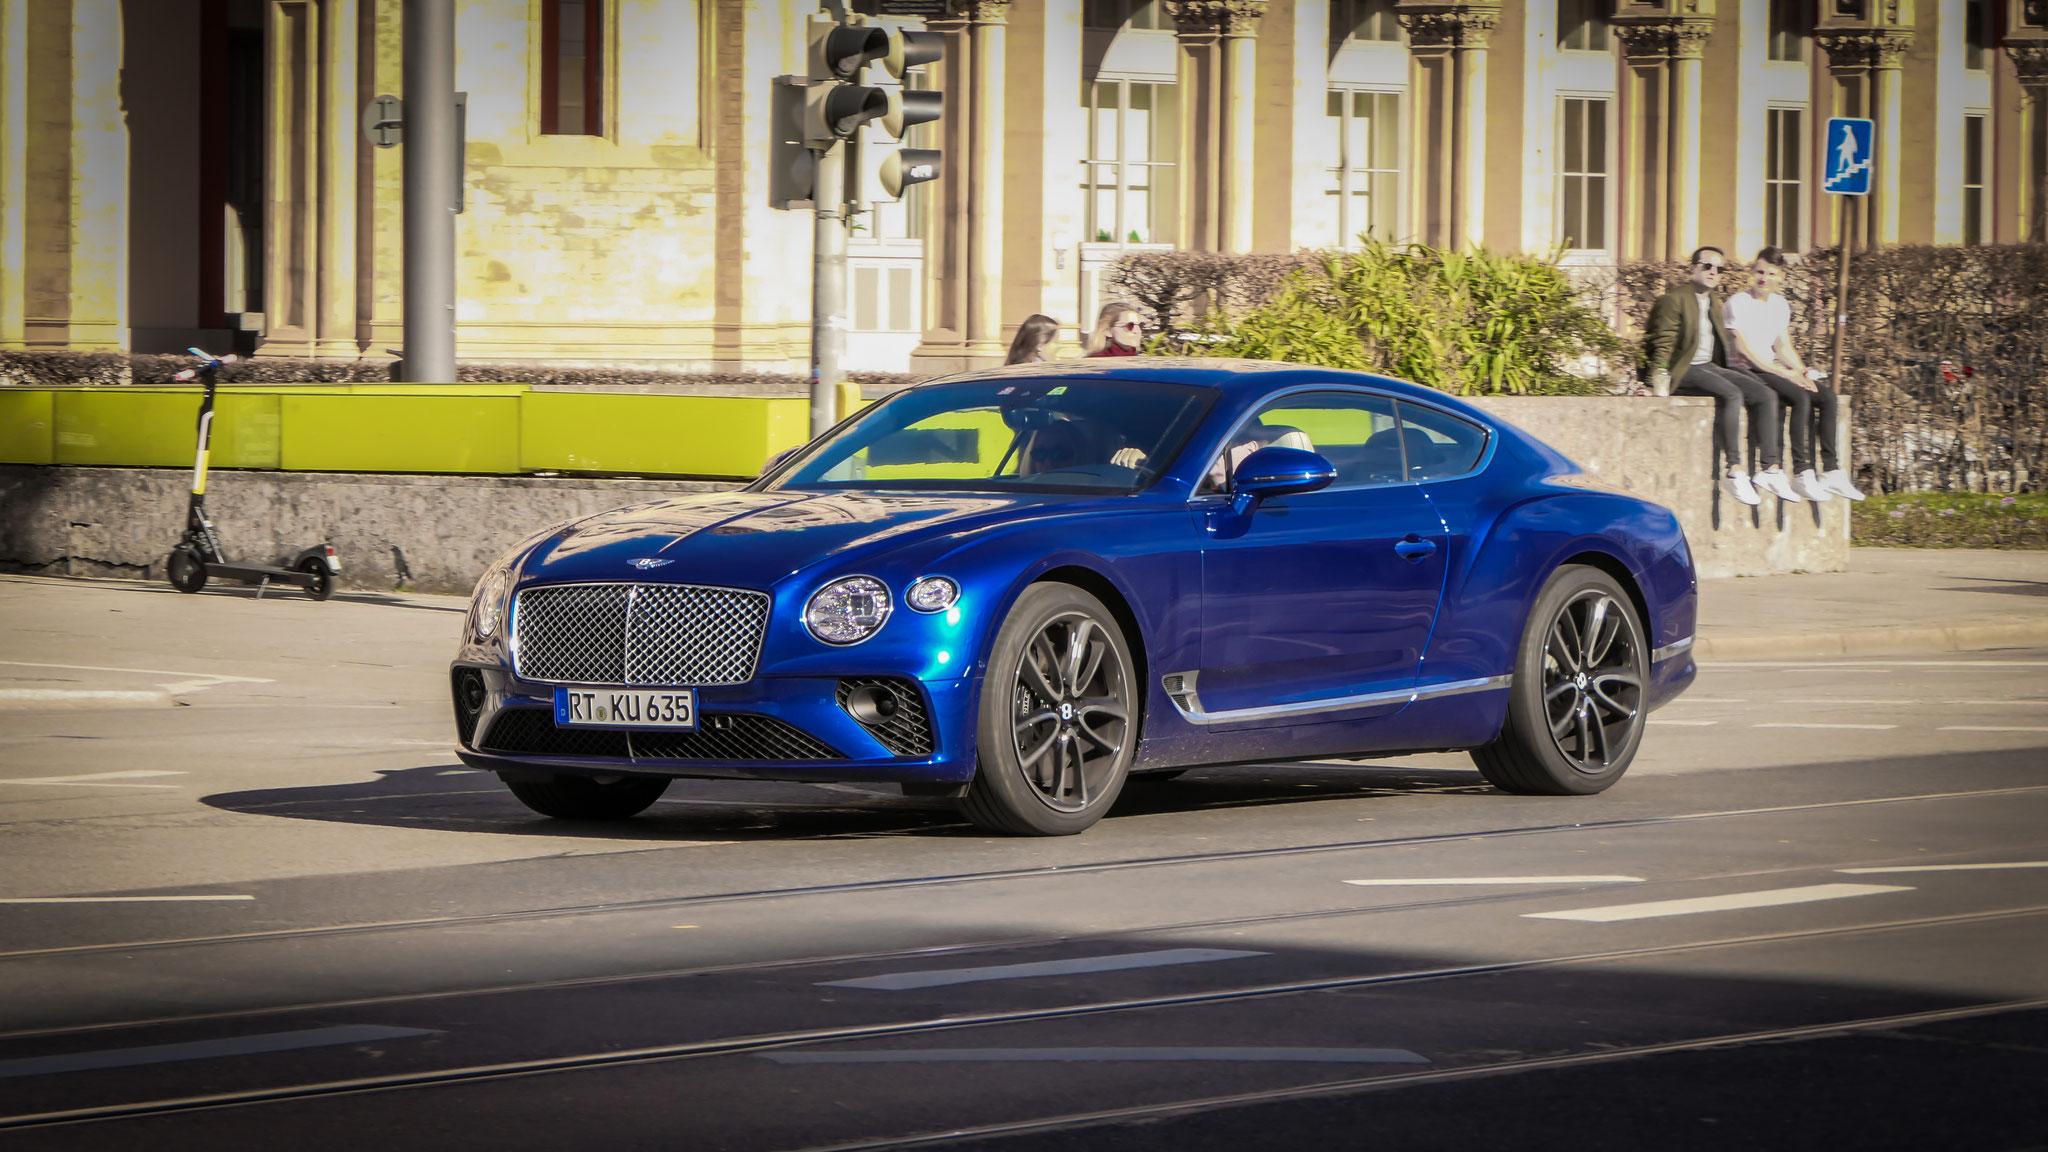 Bentley Continental GT - RT-KU-635